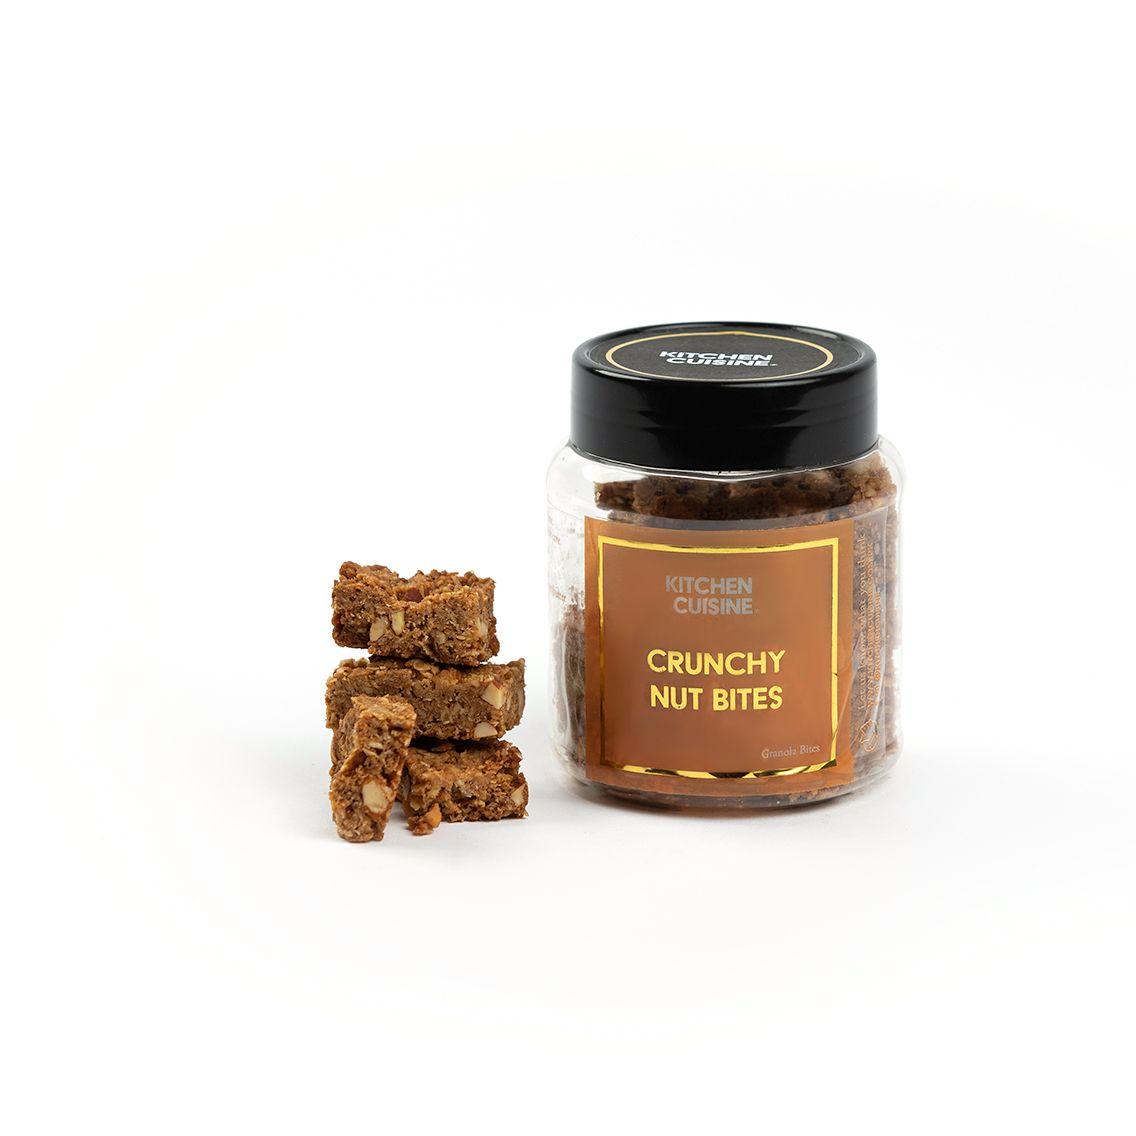 Kitchen Cuisine Default Category Crunchy Nut Bites